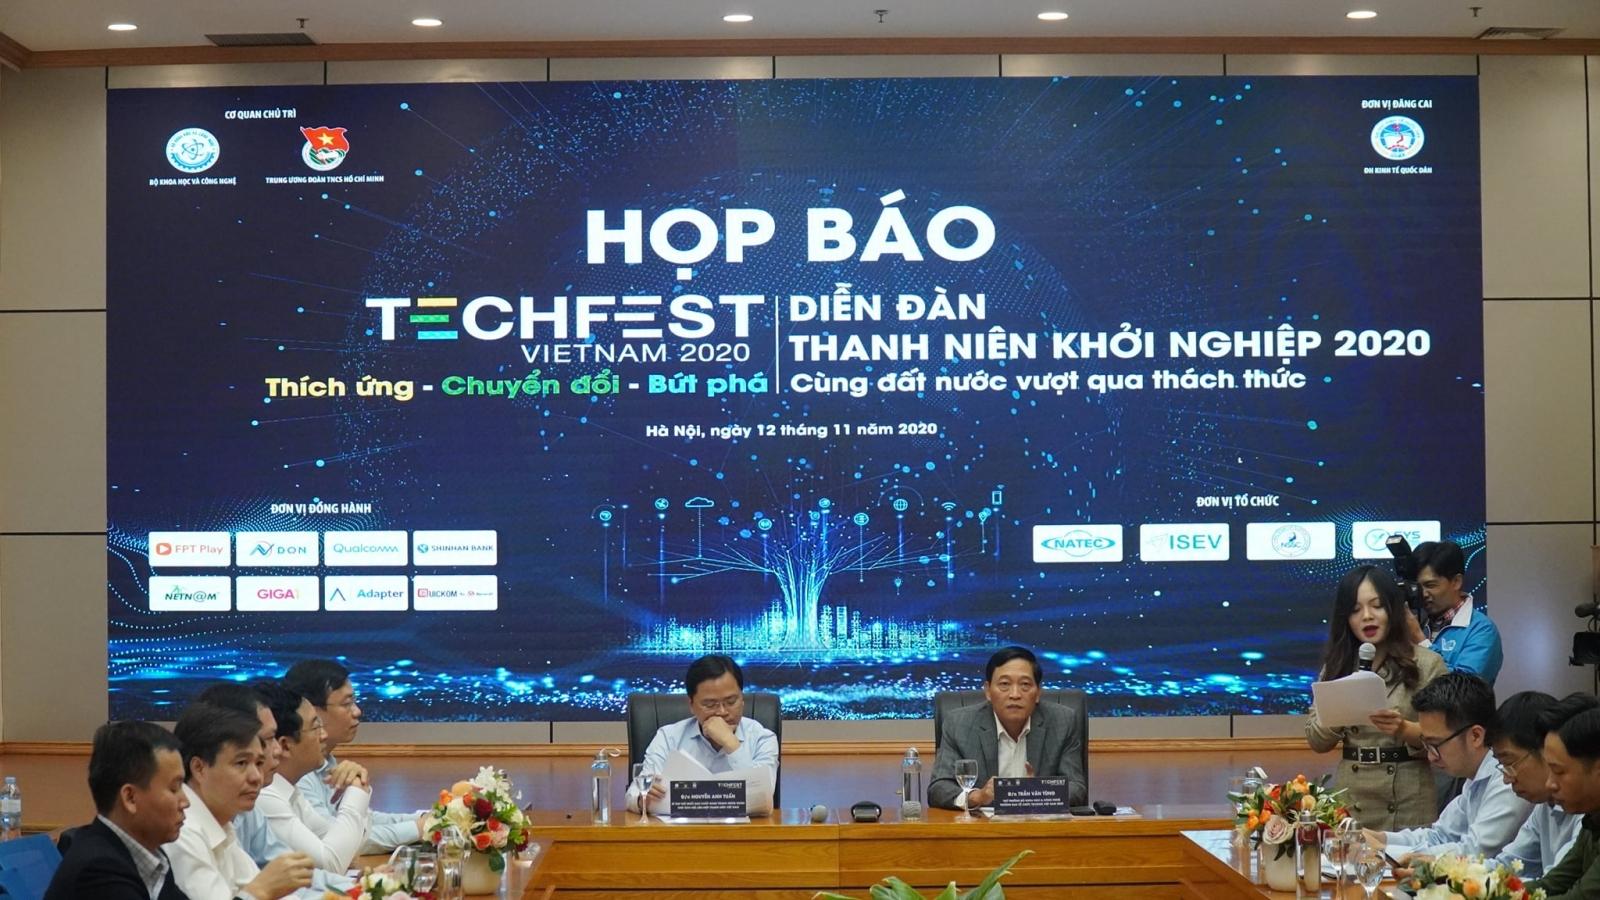 Ngày hội khởi nghiệp đổi mới sáng tạo quốc gia Techfest sẽ diễn ra ngày 27/11